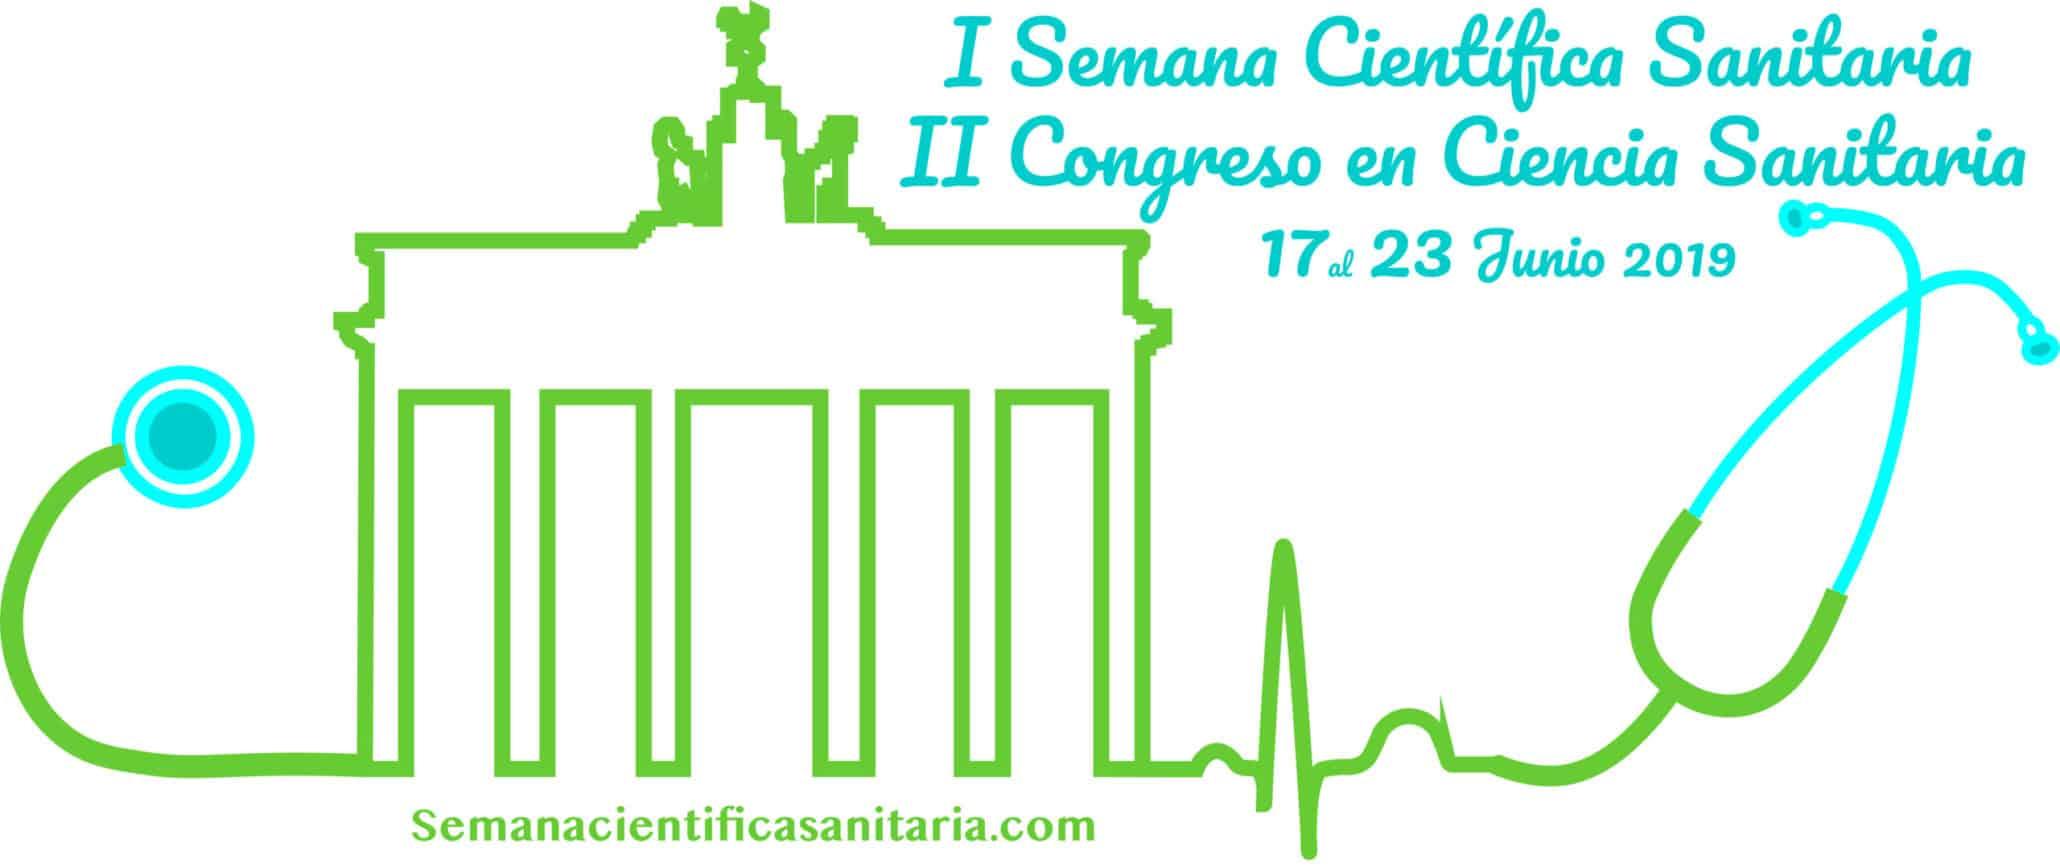 Logo II Congreso Internacional Ciencia Sanitaria Semana Cientifica Sanitaria